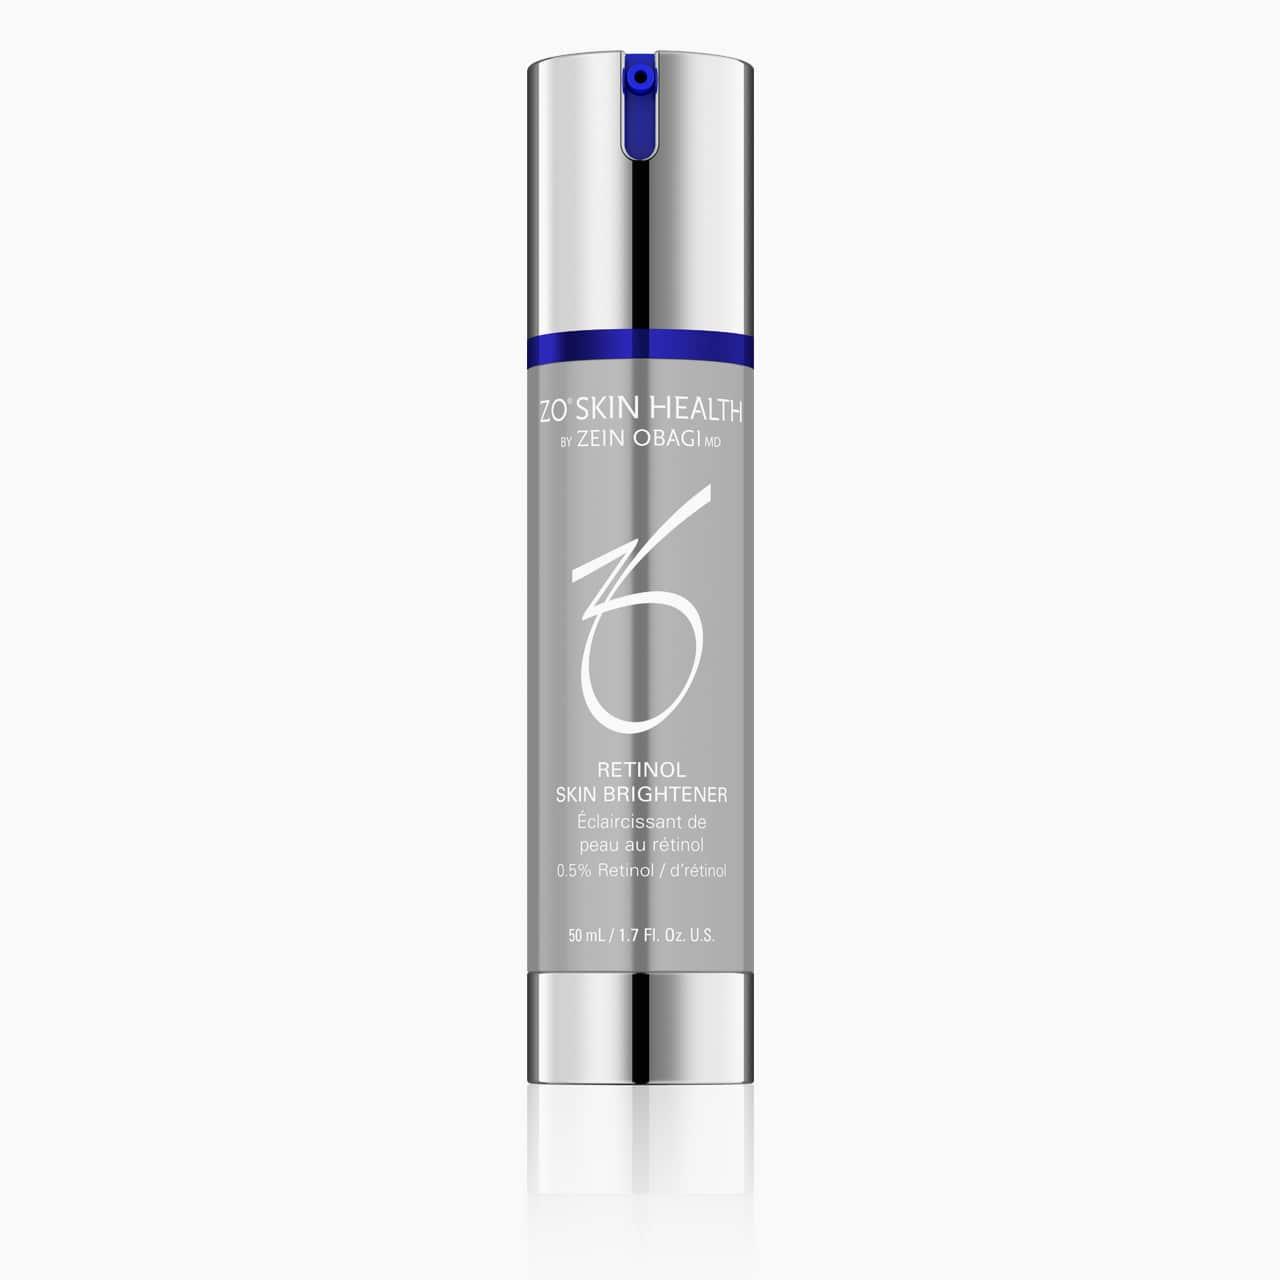 ZO Skin Health Retinol Skin Brightener